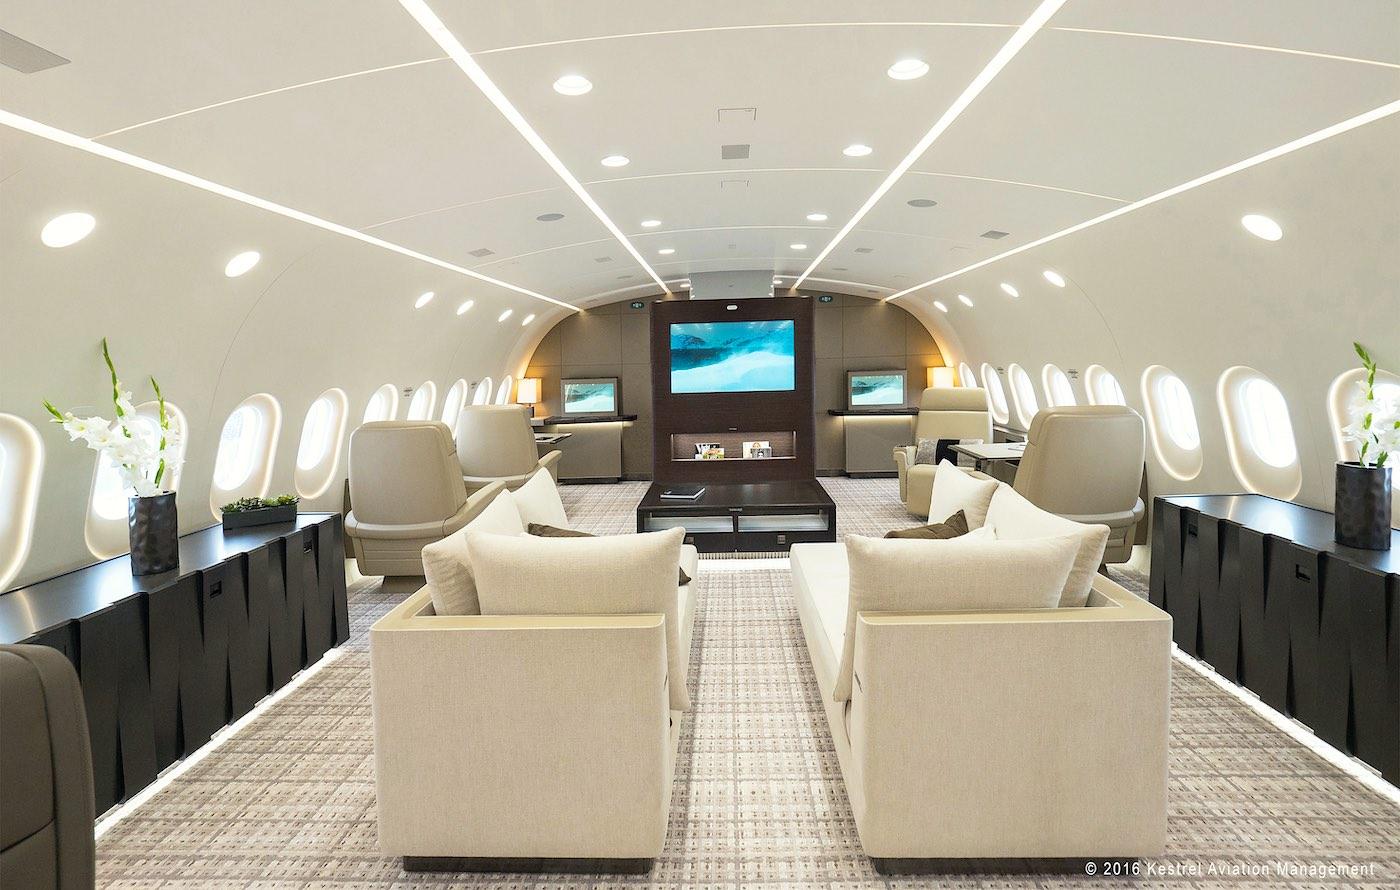 Boeing 787-8: Conoce cuáles son los 10 jets privados más lujosos en el mercado y cuánto cuestan.